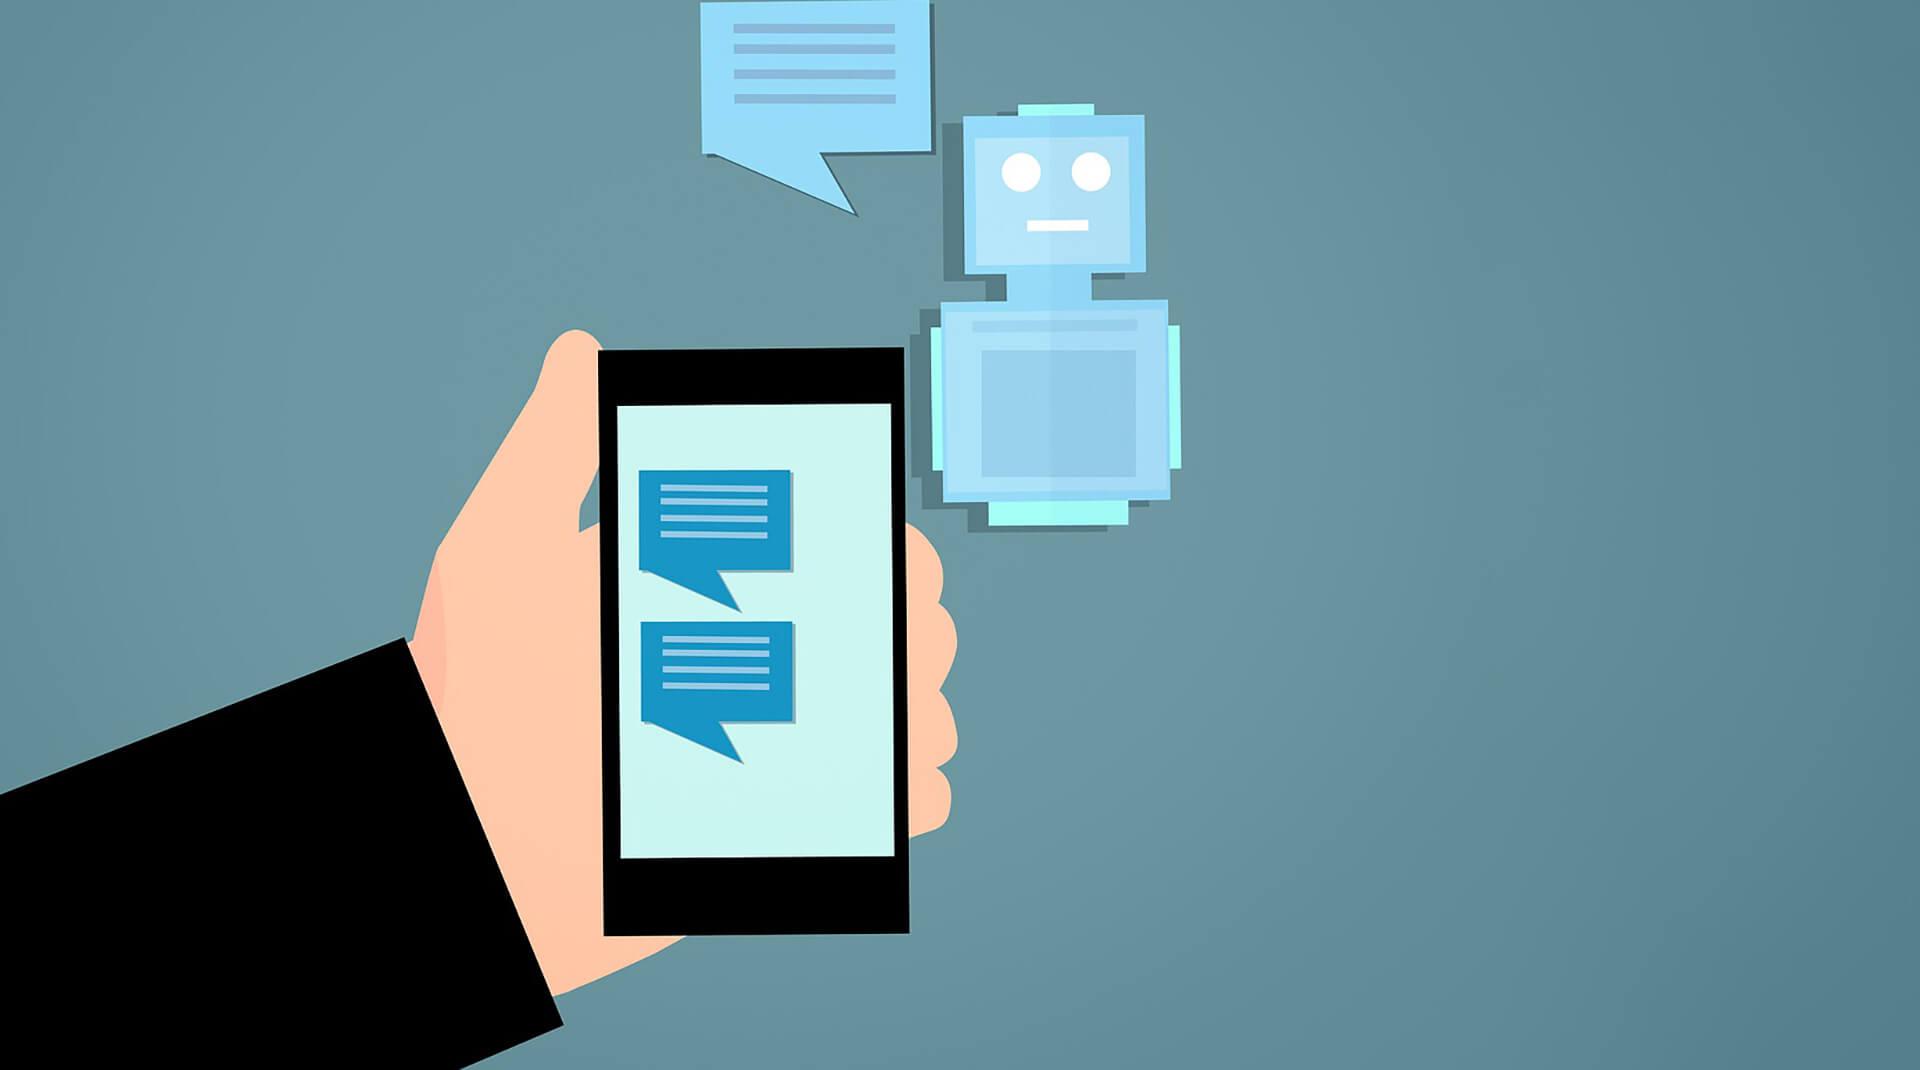 Особенности текстового интерфейса для чат-бота в Телеграм